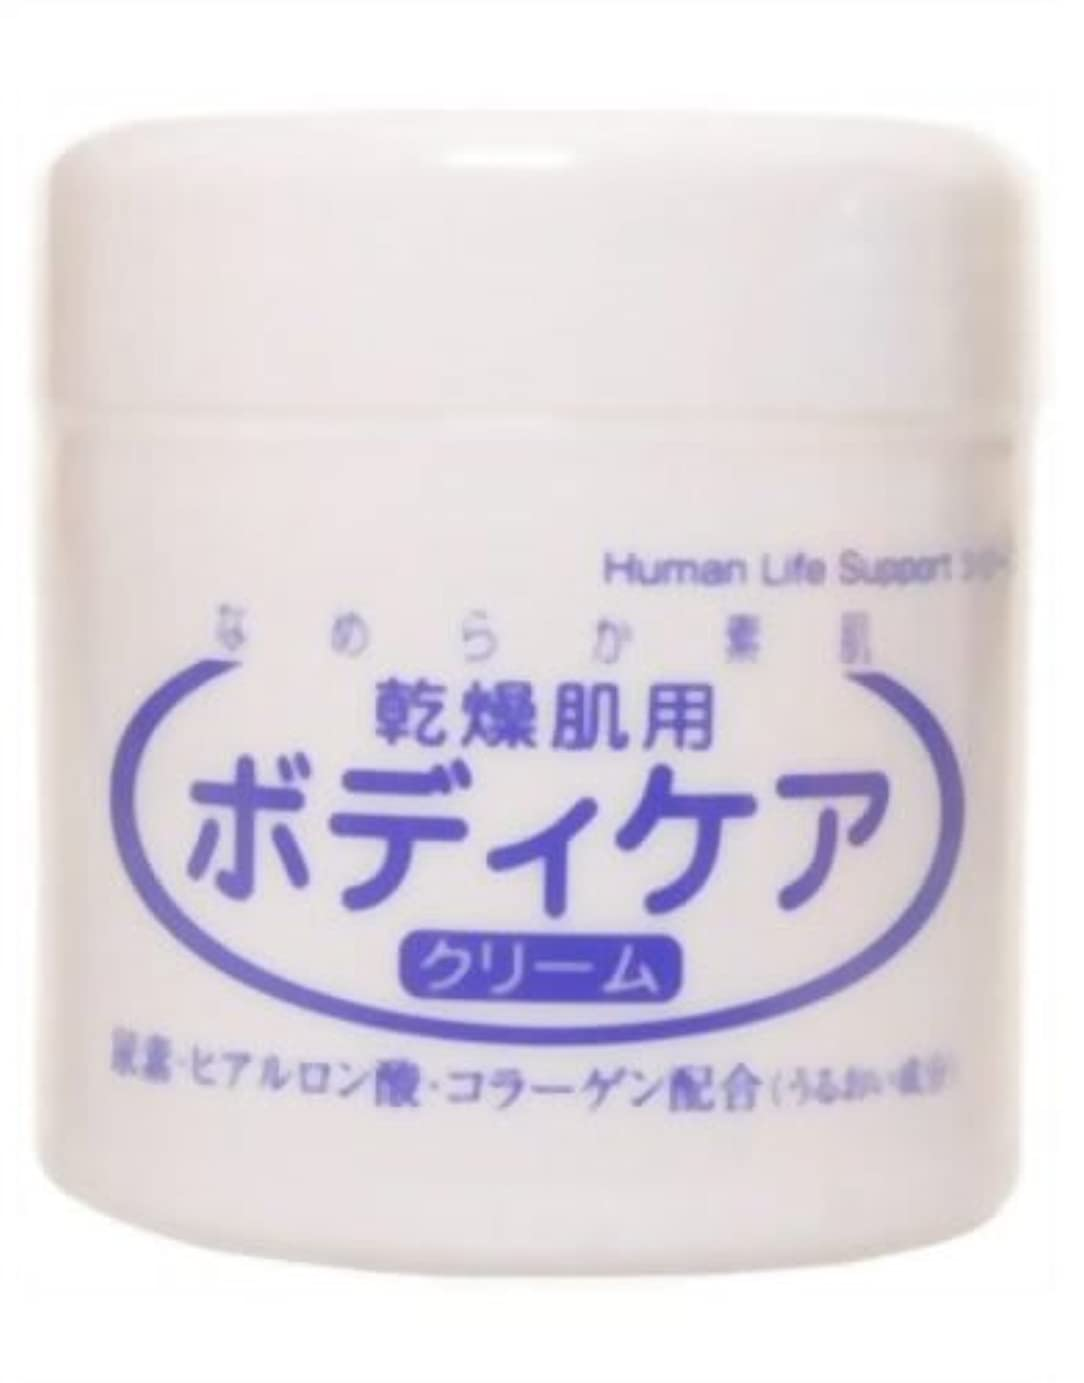 薬剤師他の場所ブレンド乾燥肌用ボディケアクリーム 230g